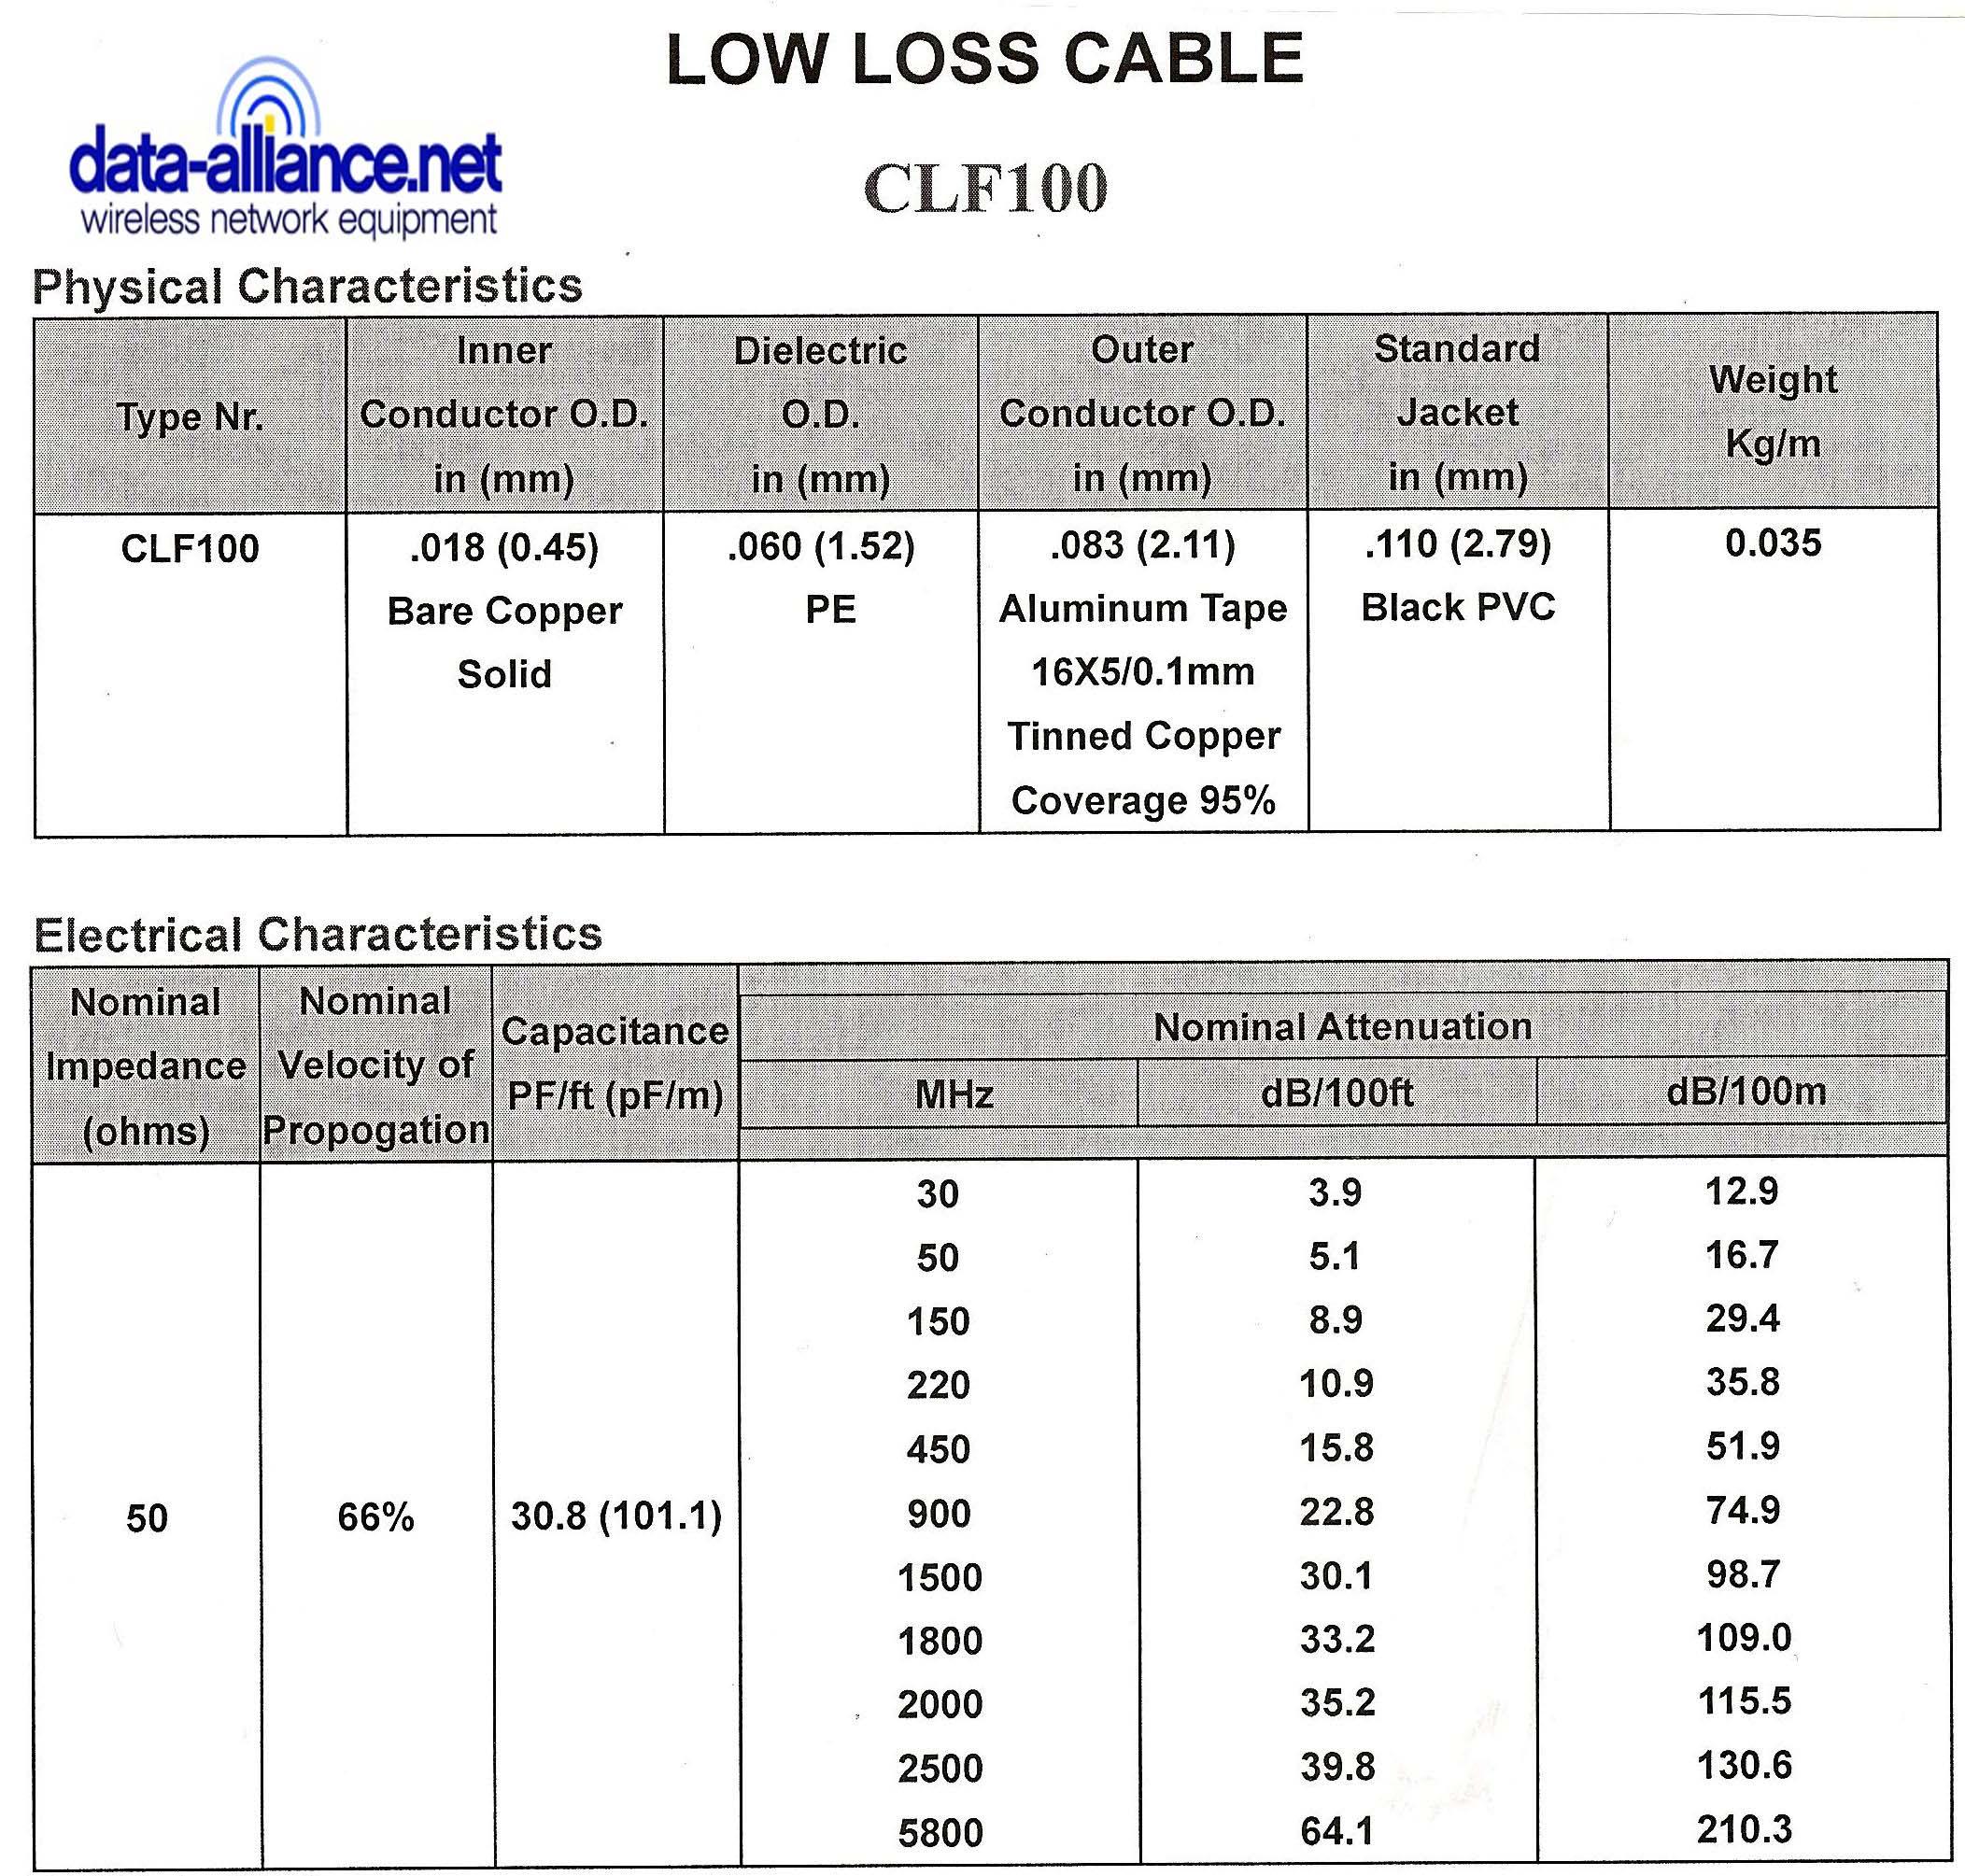 Características del cable CLF100, atenuación, pérdida de señal, impedancia nominal, velocidad de propagación, capacitancia.